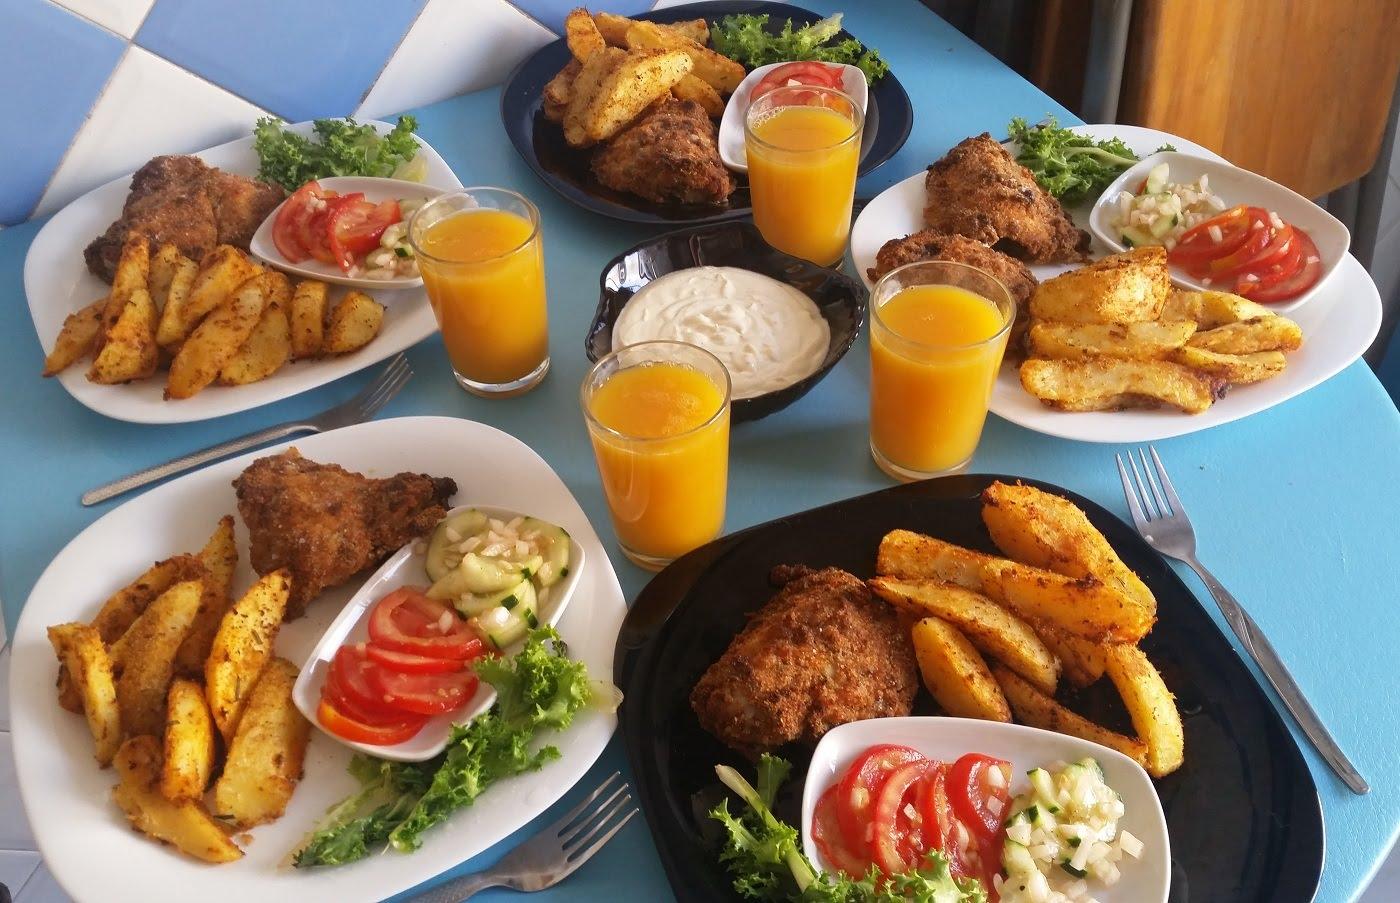 صورة عشاء فخم , صور لارقي وجبة مساء 2737 8